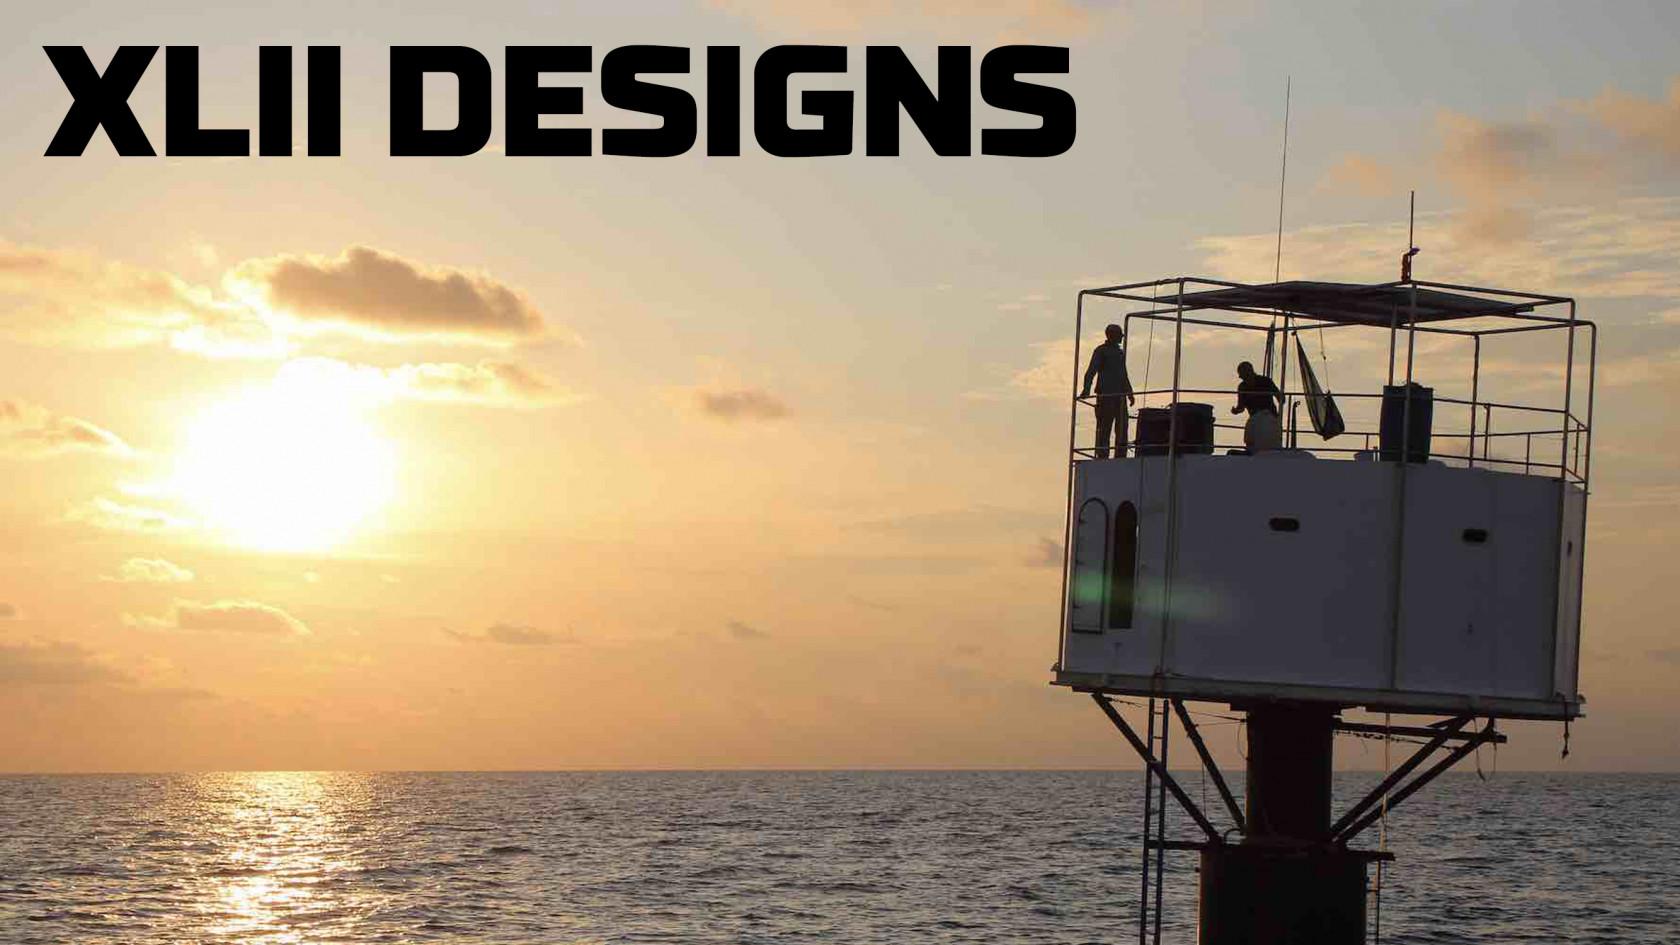 image-XLII-designs.jpg